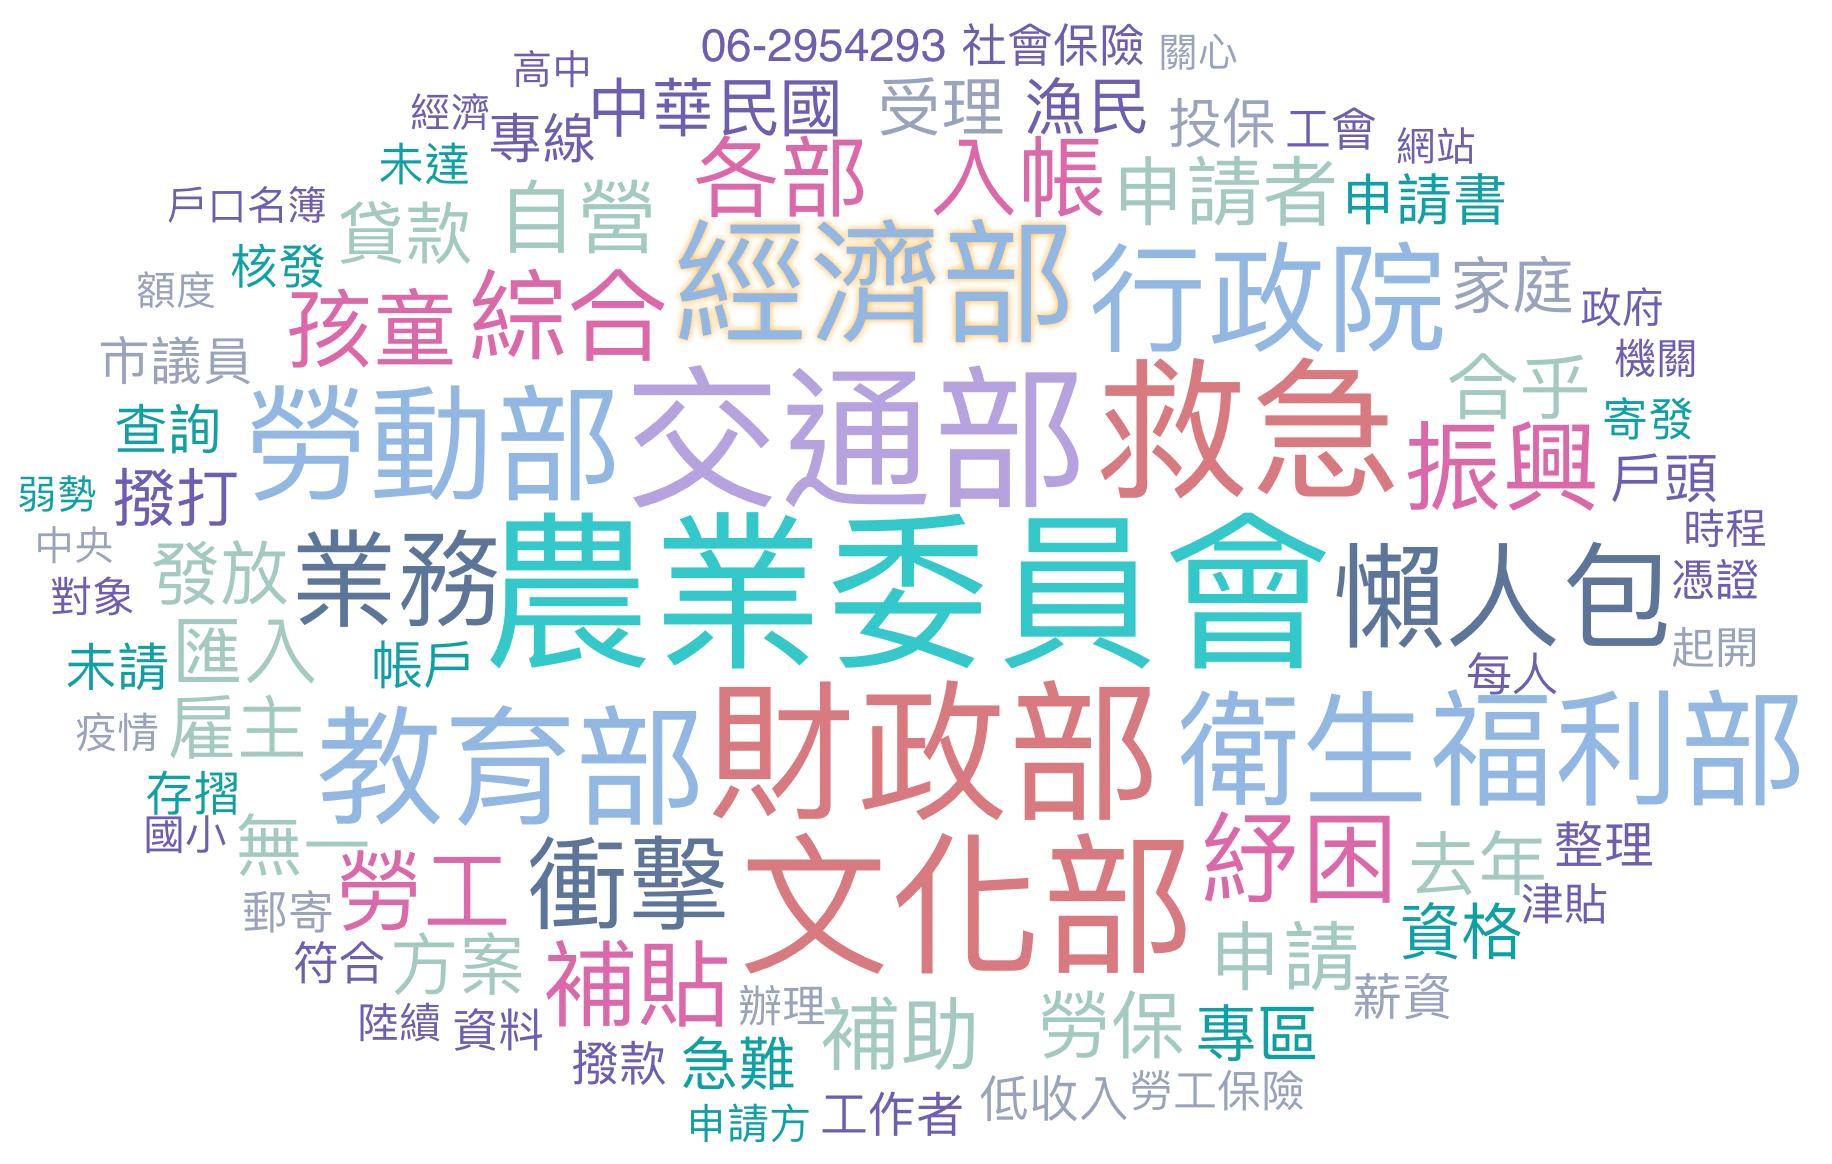 2021年專困 - 政治粉文字云